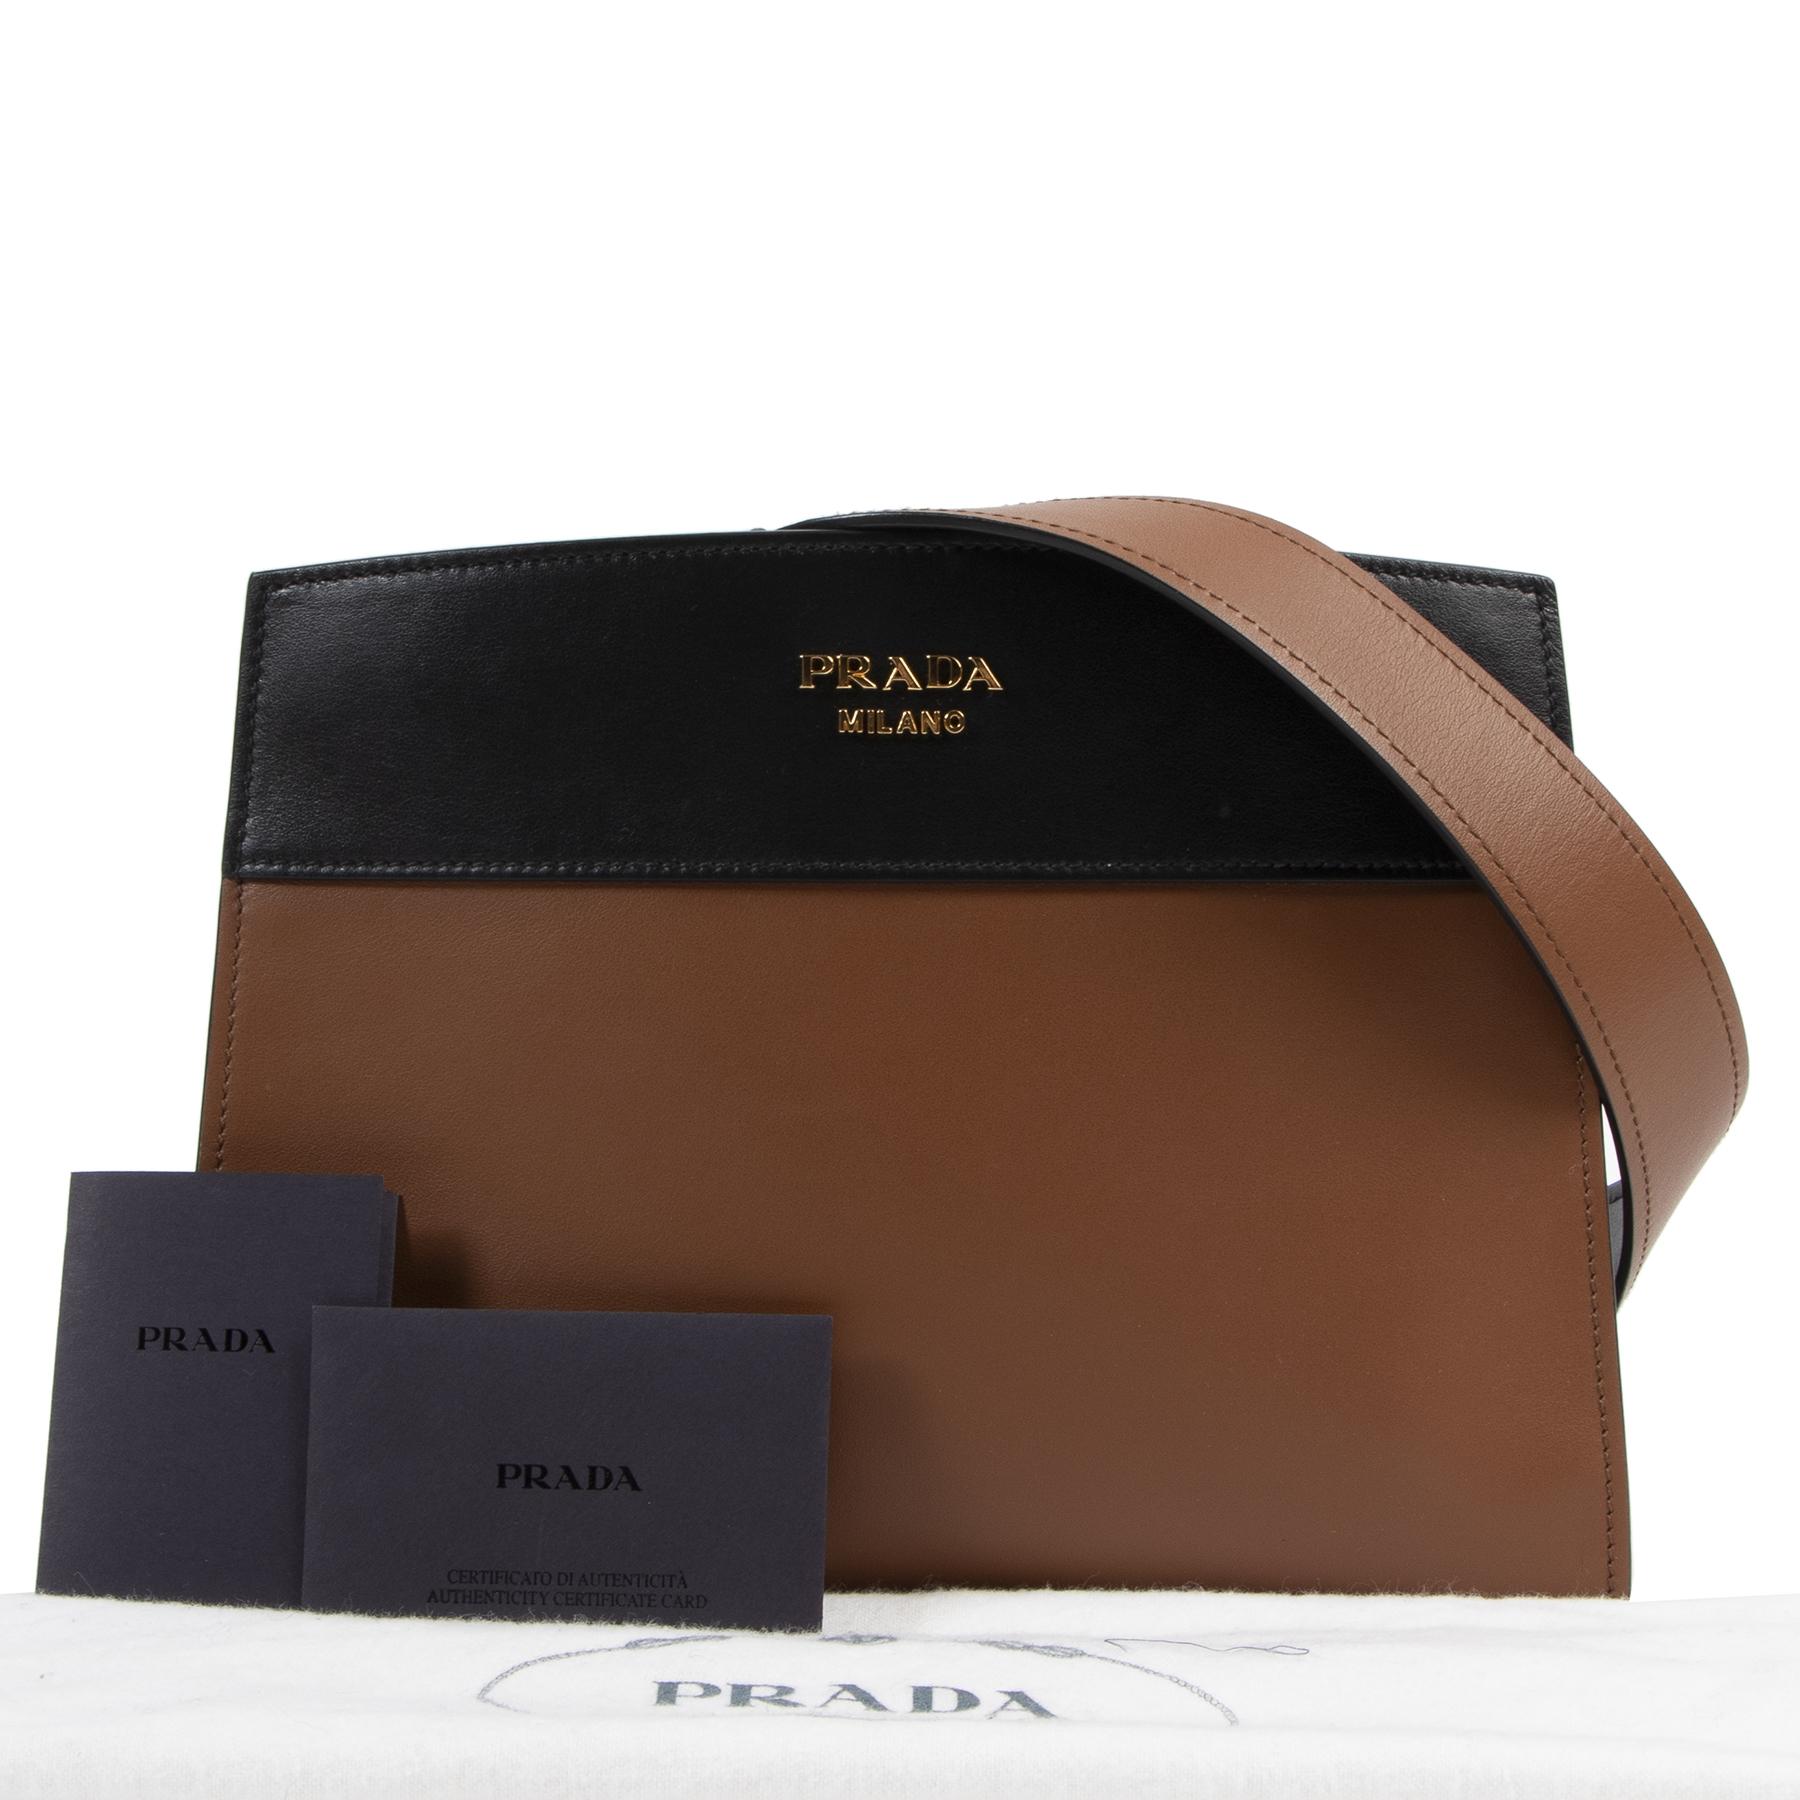 Authentic secondhand Prada Brown Esplanade Leather Shoulder Bag designer bags fashion luxury vintage webshop safe secure online shopping